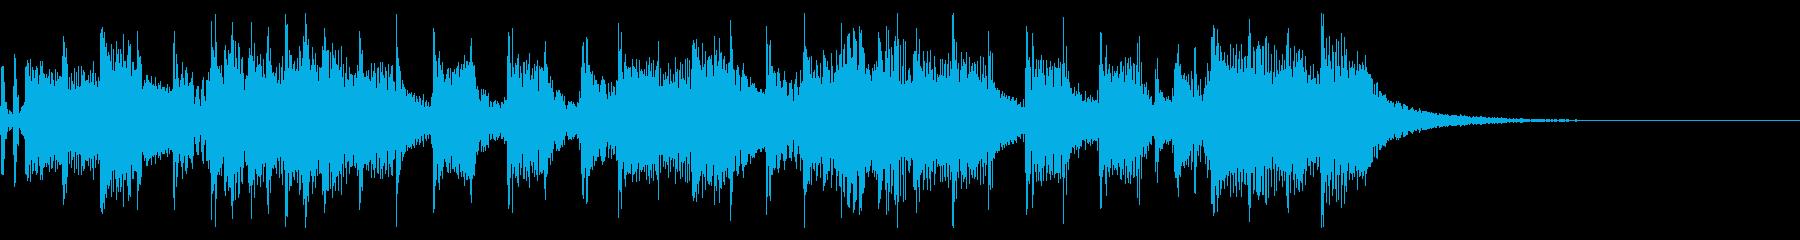 インパクトあるロックなジングル26の再生済みの波形